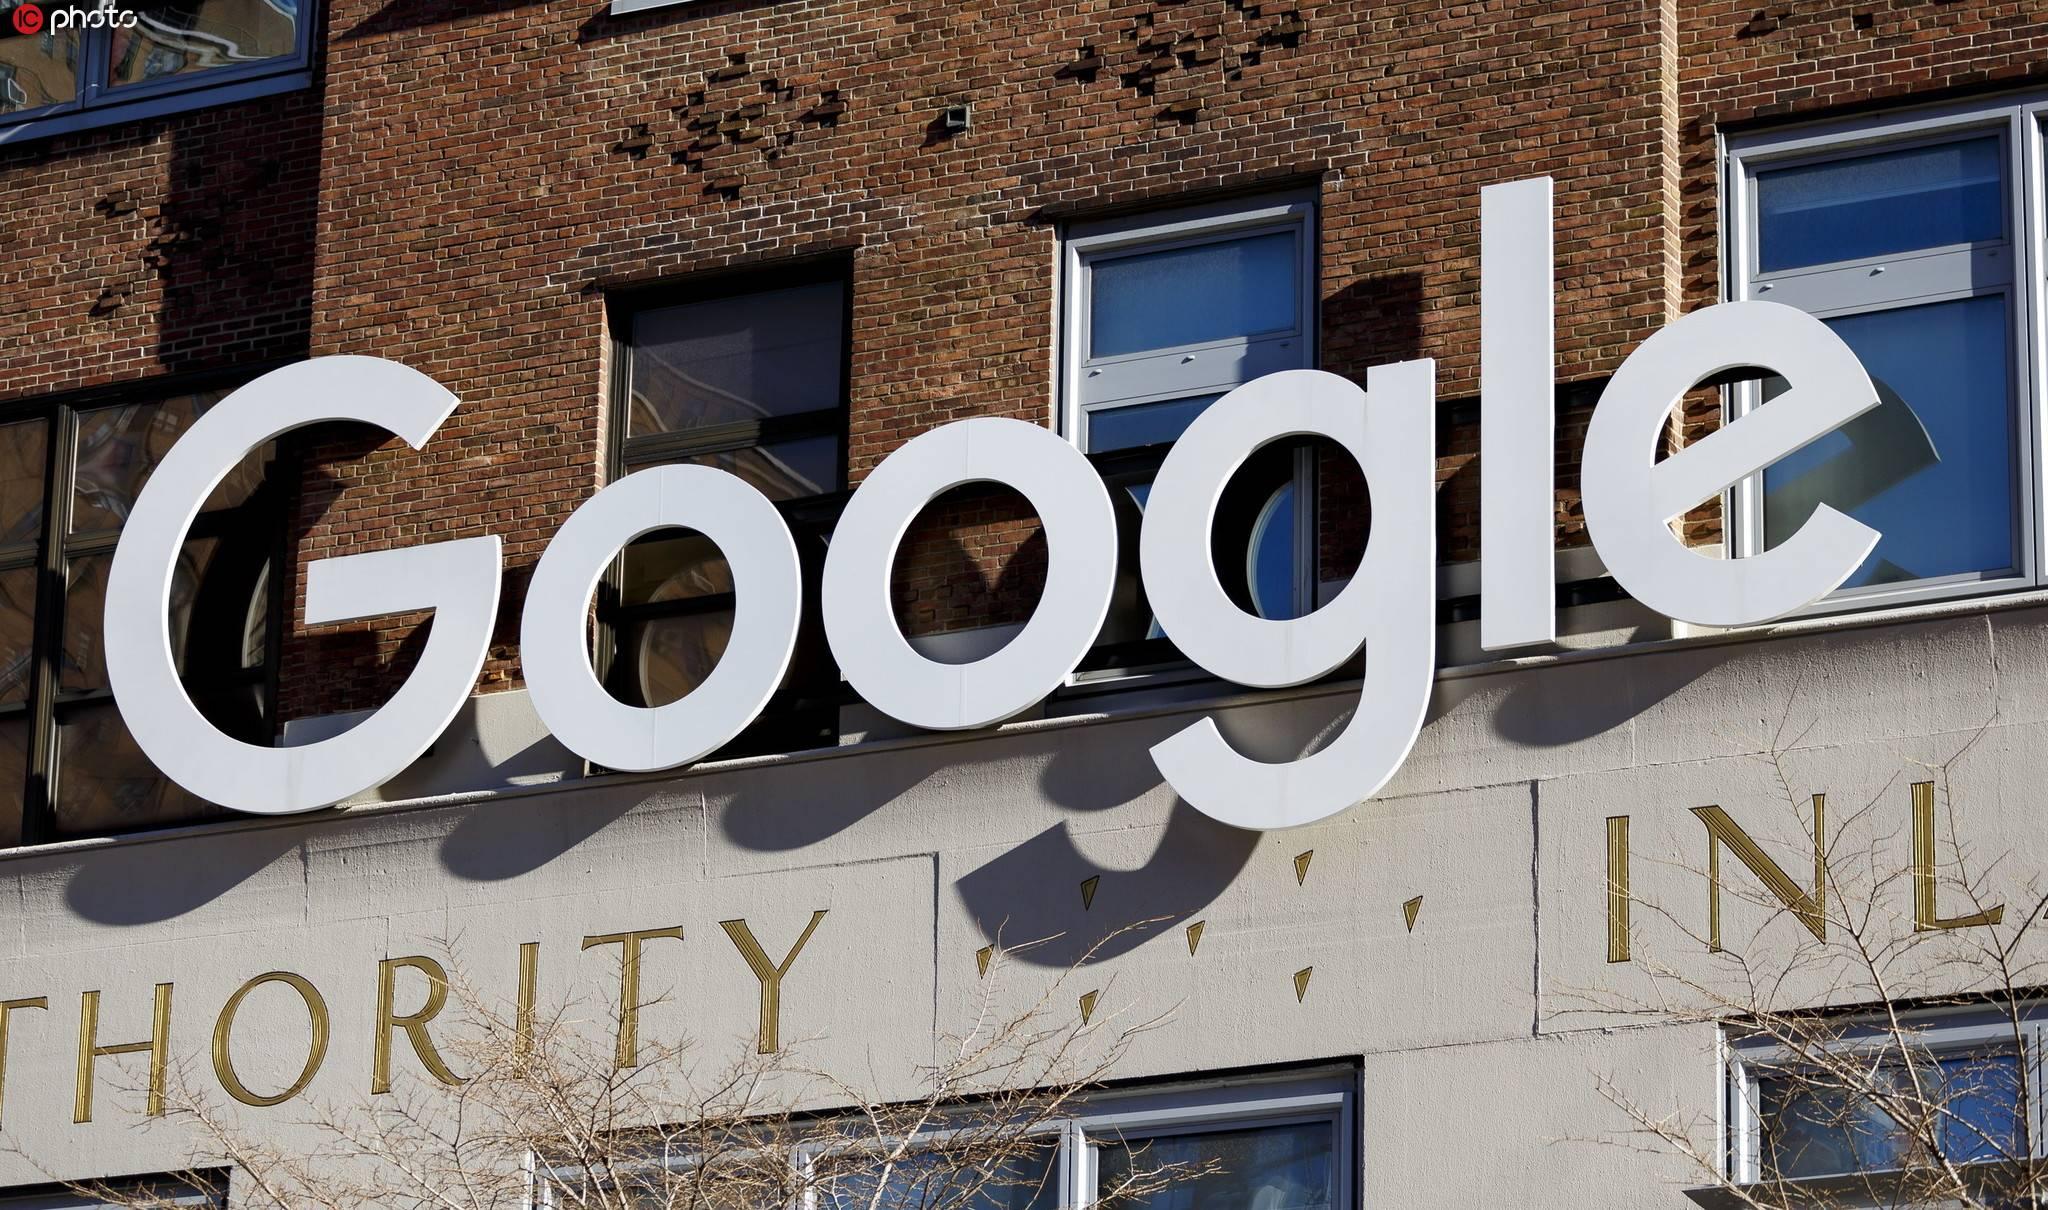 巨头观察丨谷歌否定与Dish洽谈,美国新四大运营商出现无望?